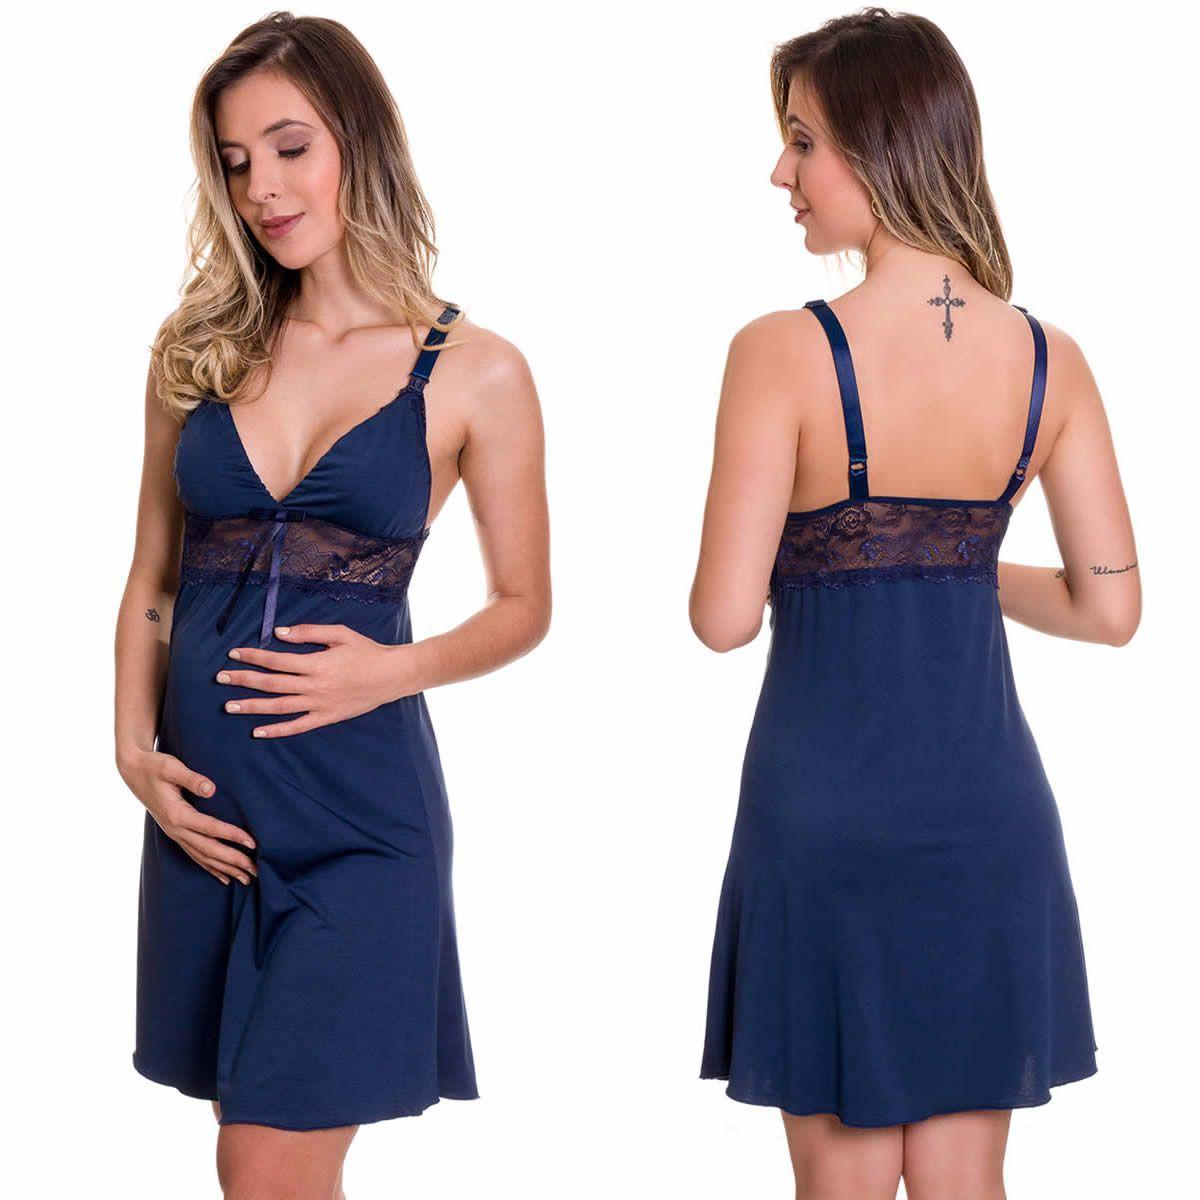 (Kit-V05) - 2 Camisolas Amamentação Com Robe em Microfibra 1 Preta e 1 Azul Marinho - ES206-207